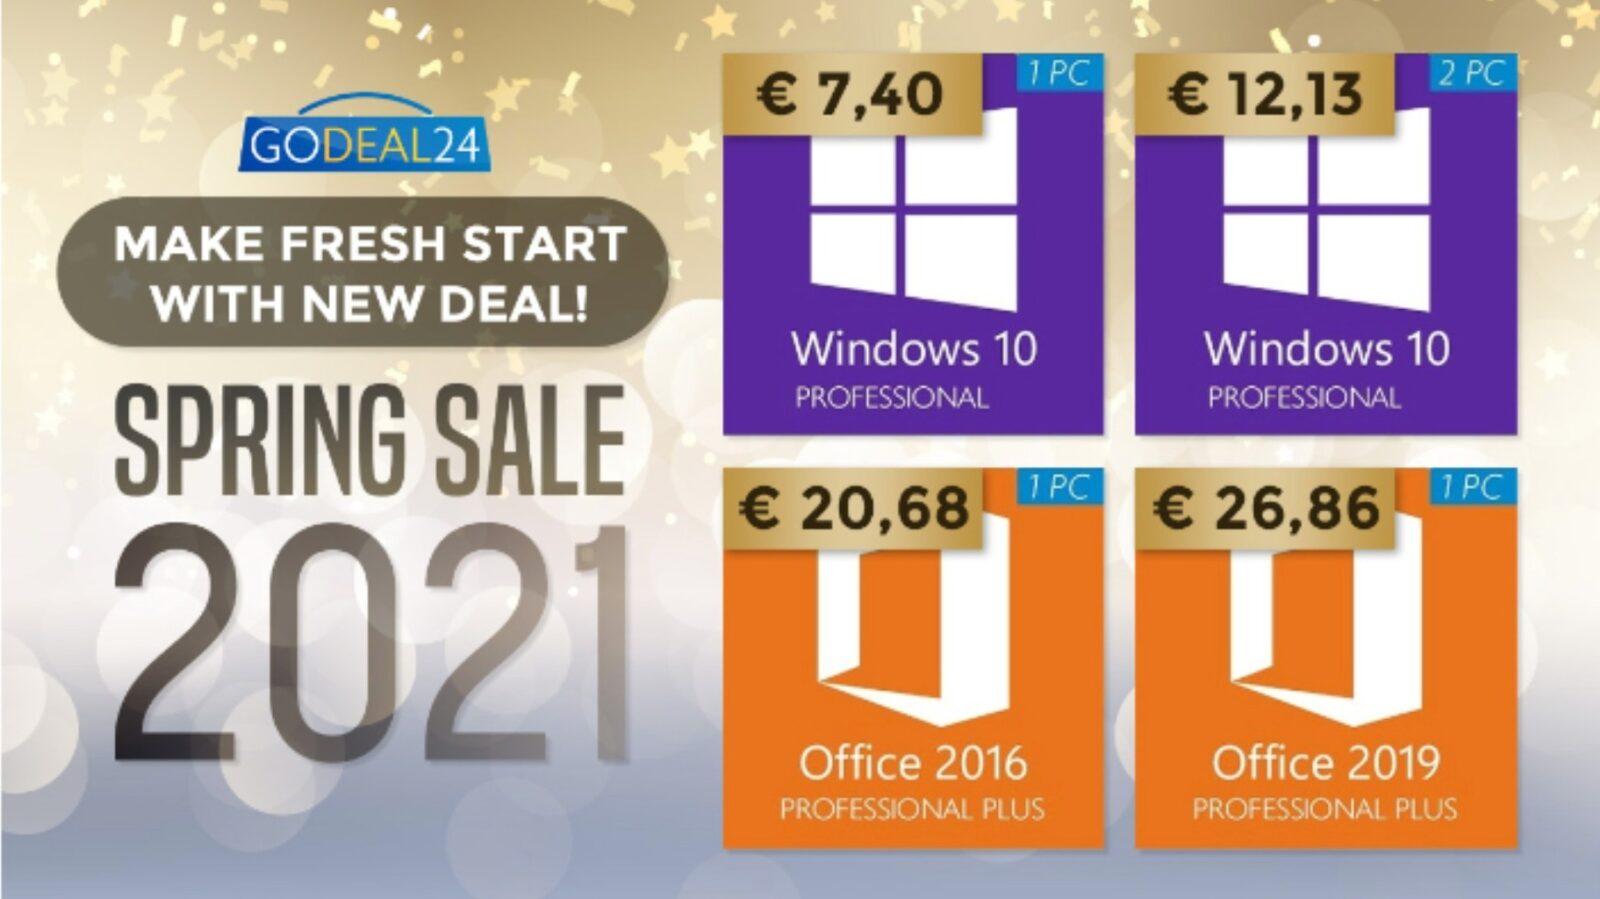 Solo 7 € per Windows 10, solo 15 € per Microsoft Office: gli sconti di primavera su Godeal24